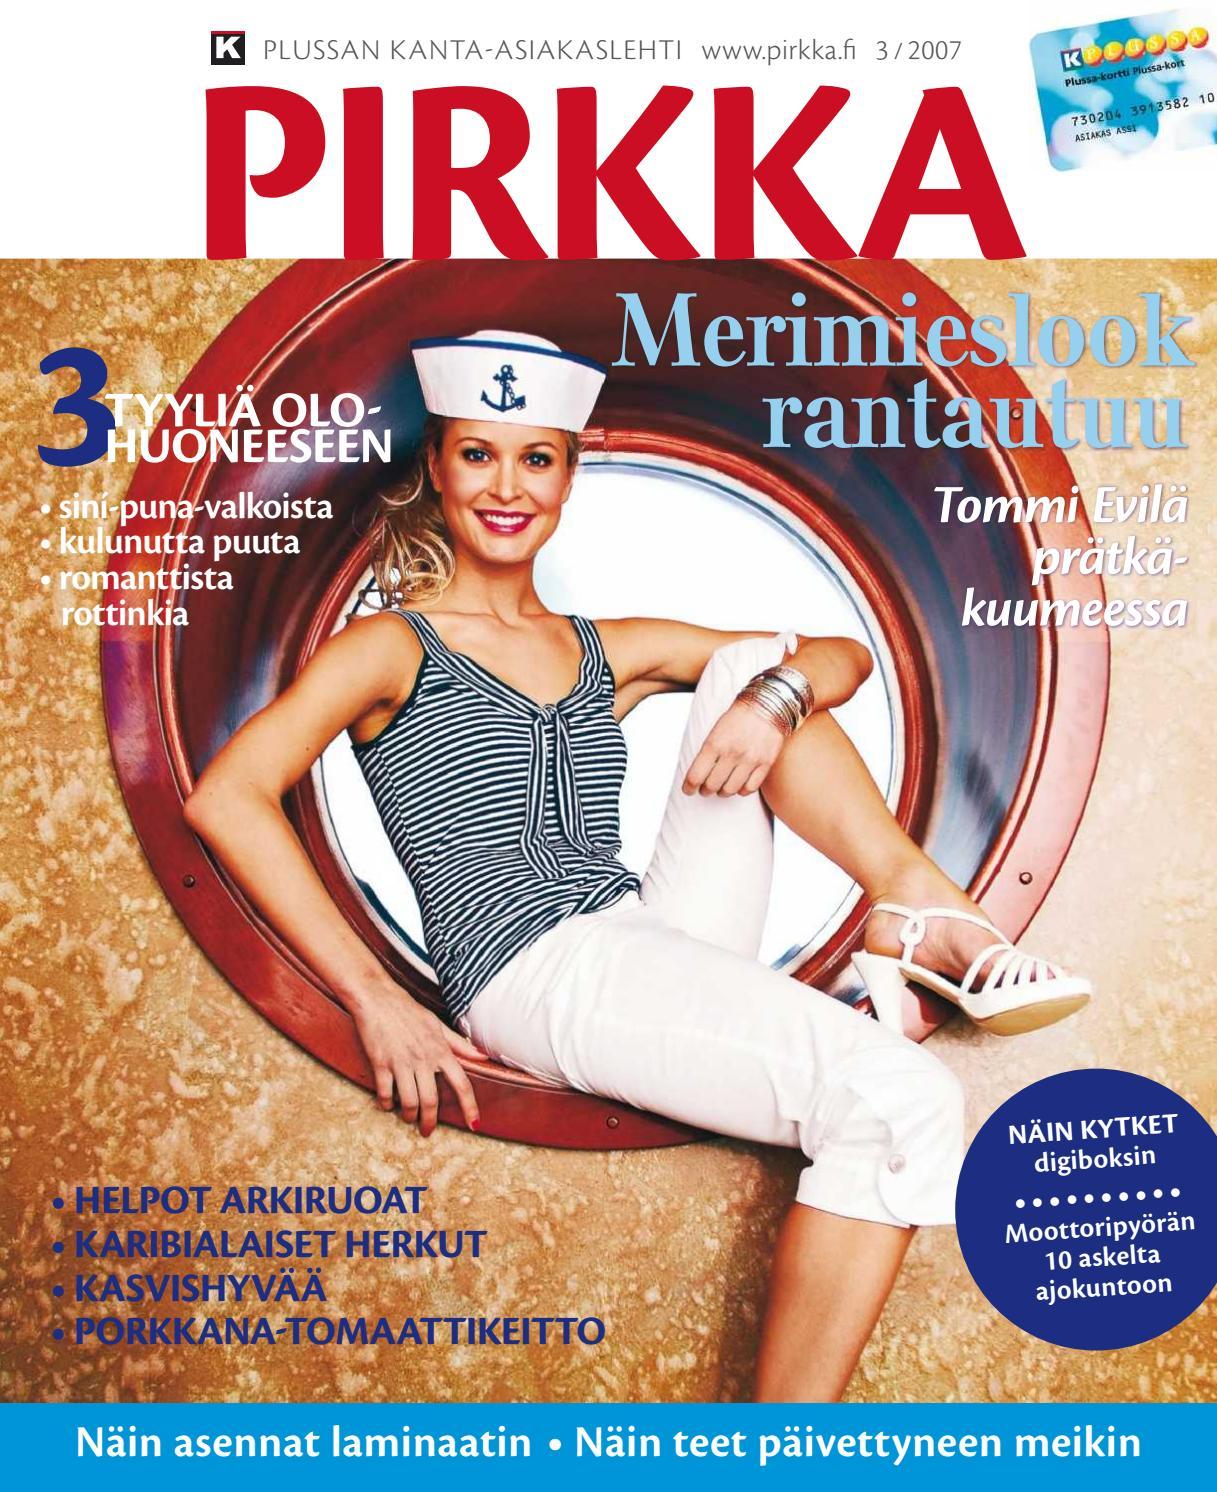 PIRKKA 3 2007 by Ruokakesko - issuu fd7704f62a